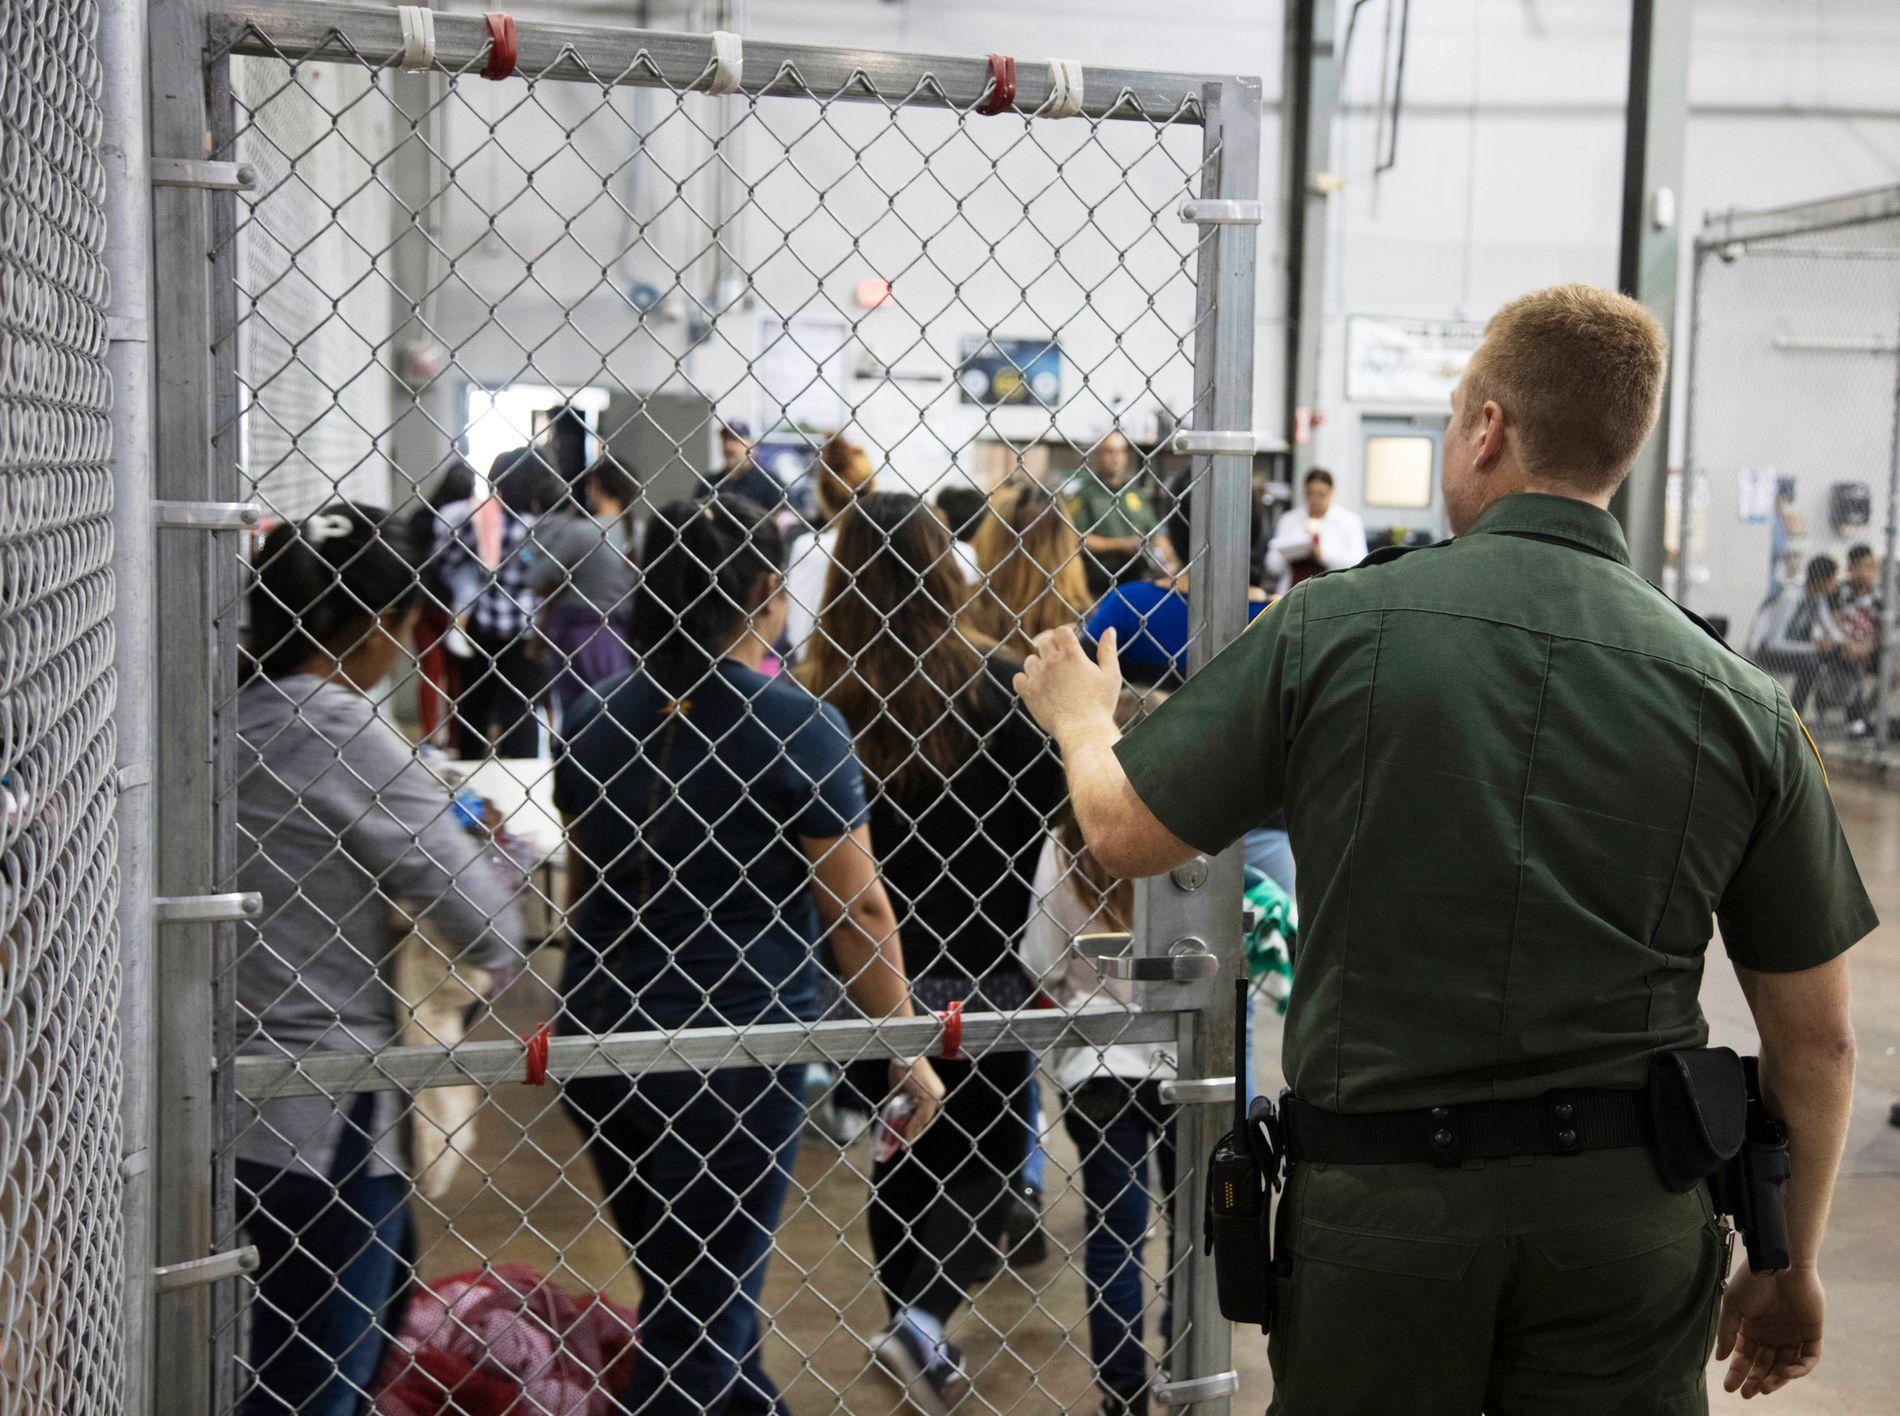 ARRESTERT: Mennesker som er pågrepet i forbindelse med ulovlig innvandring til USA står i kø i ett av grenseanleggene i Texas.